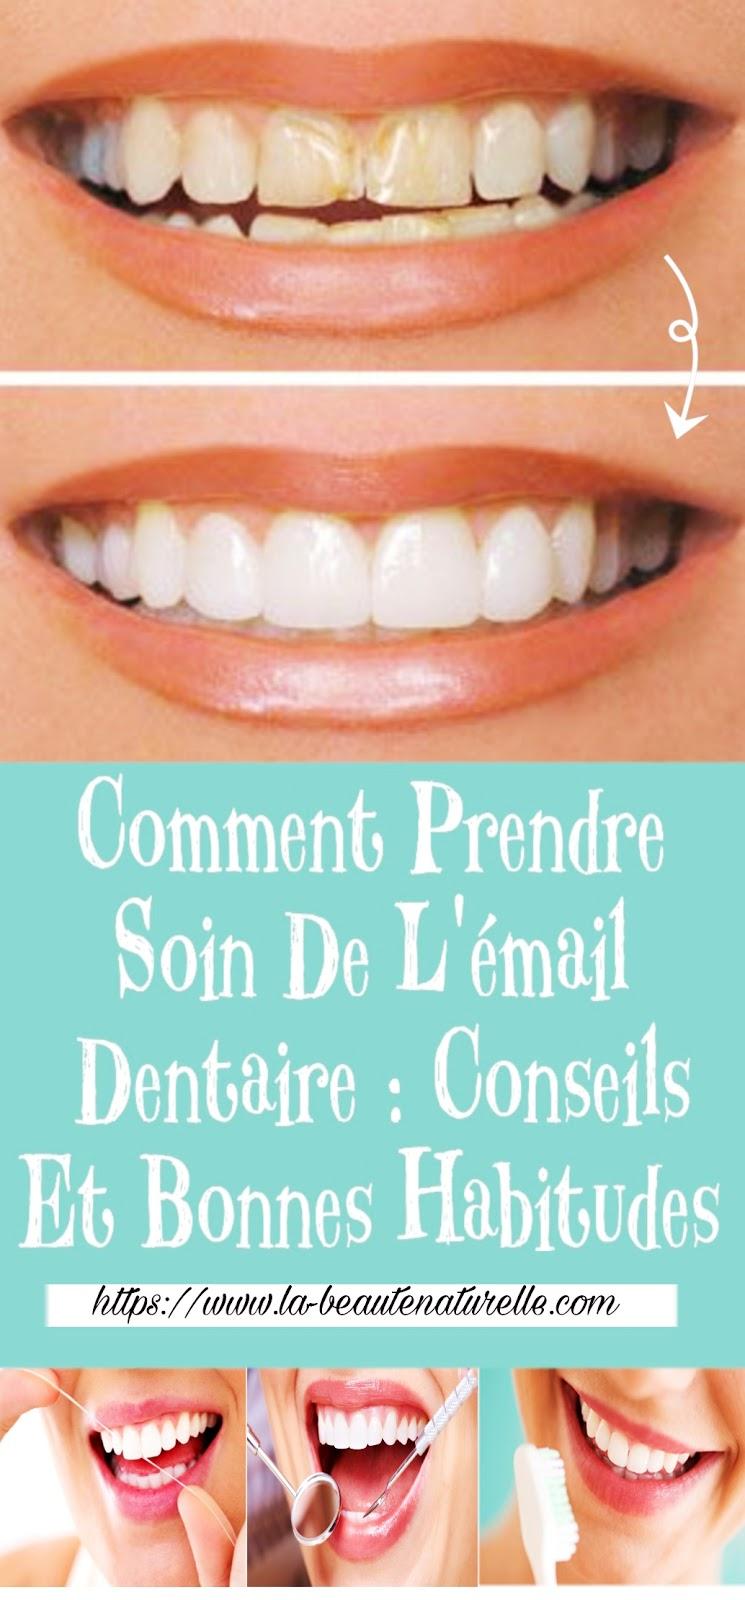 Comment Prendre Soin De L'émail Dentaire : Conseils Et Bonnes Habitudes